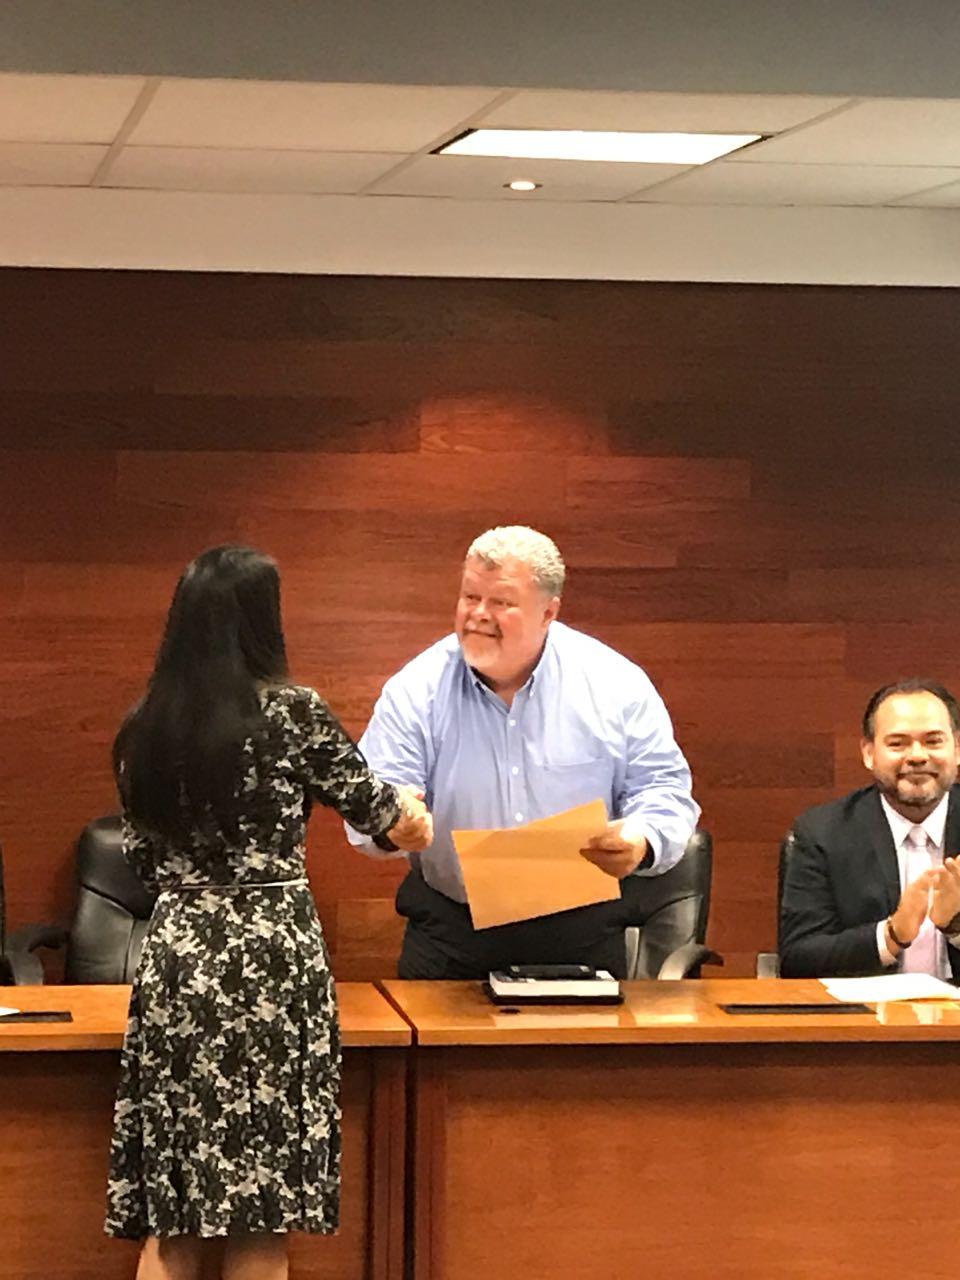 Dr. Navarro recibiendo reconocimiento